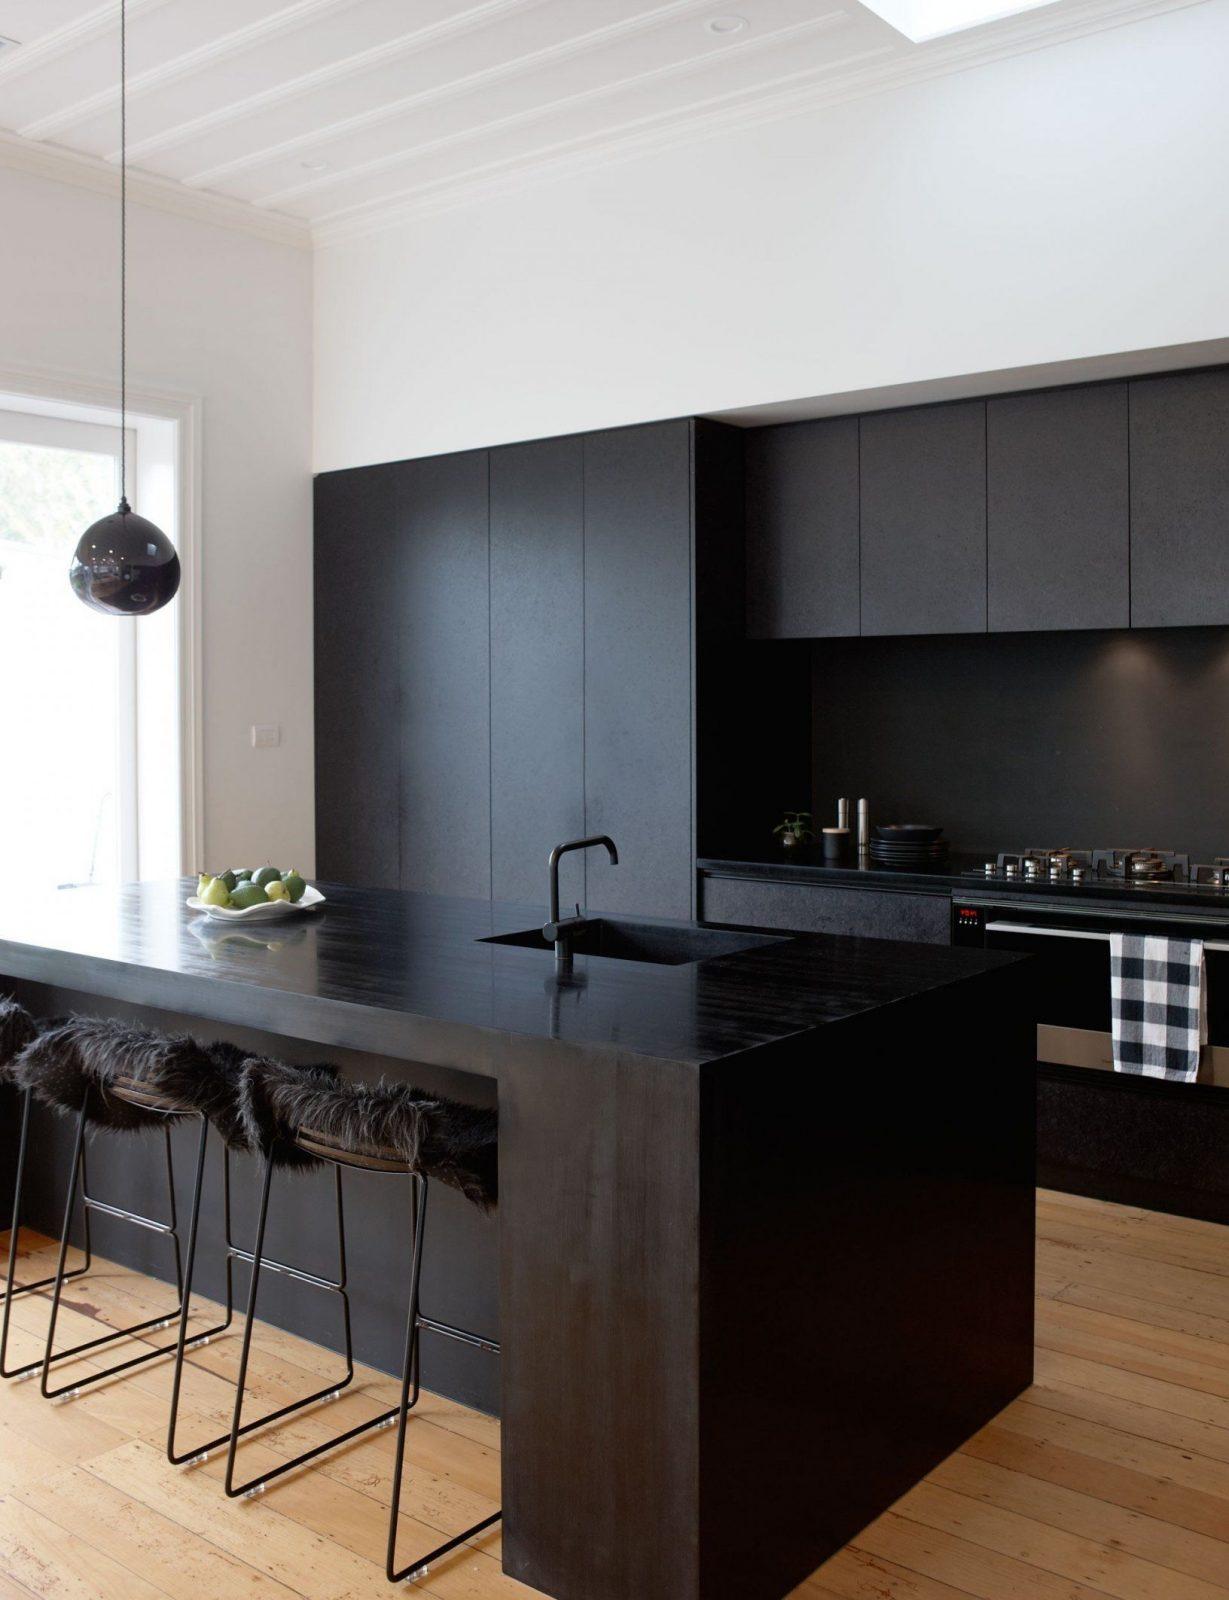 Küche Glasplatte Statt Fliesen | Küche Statt Fliesen Küche De Paris